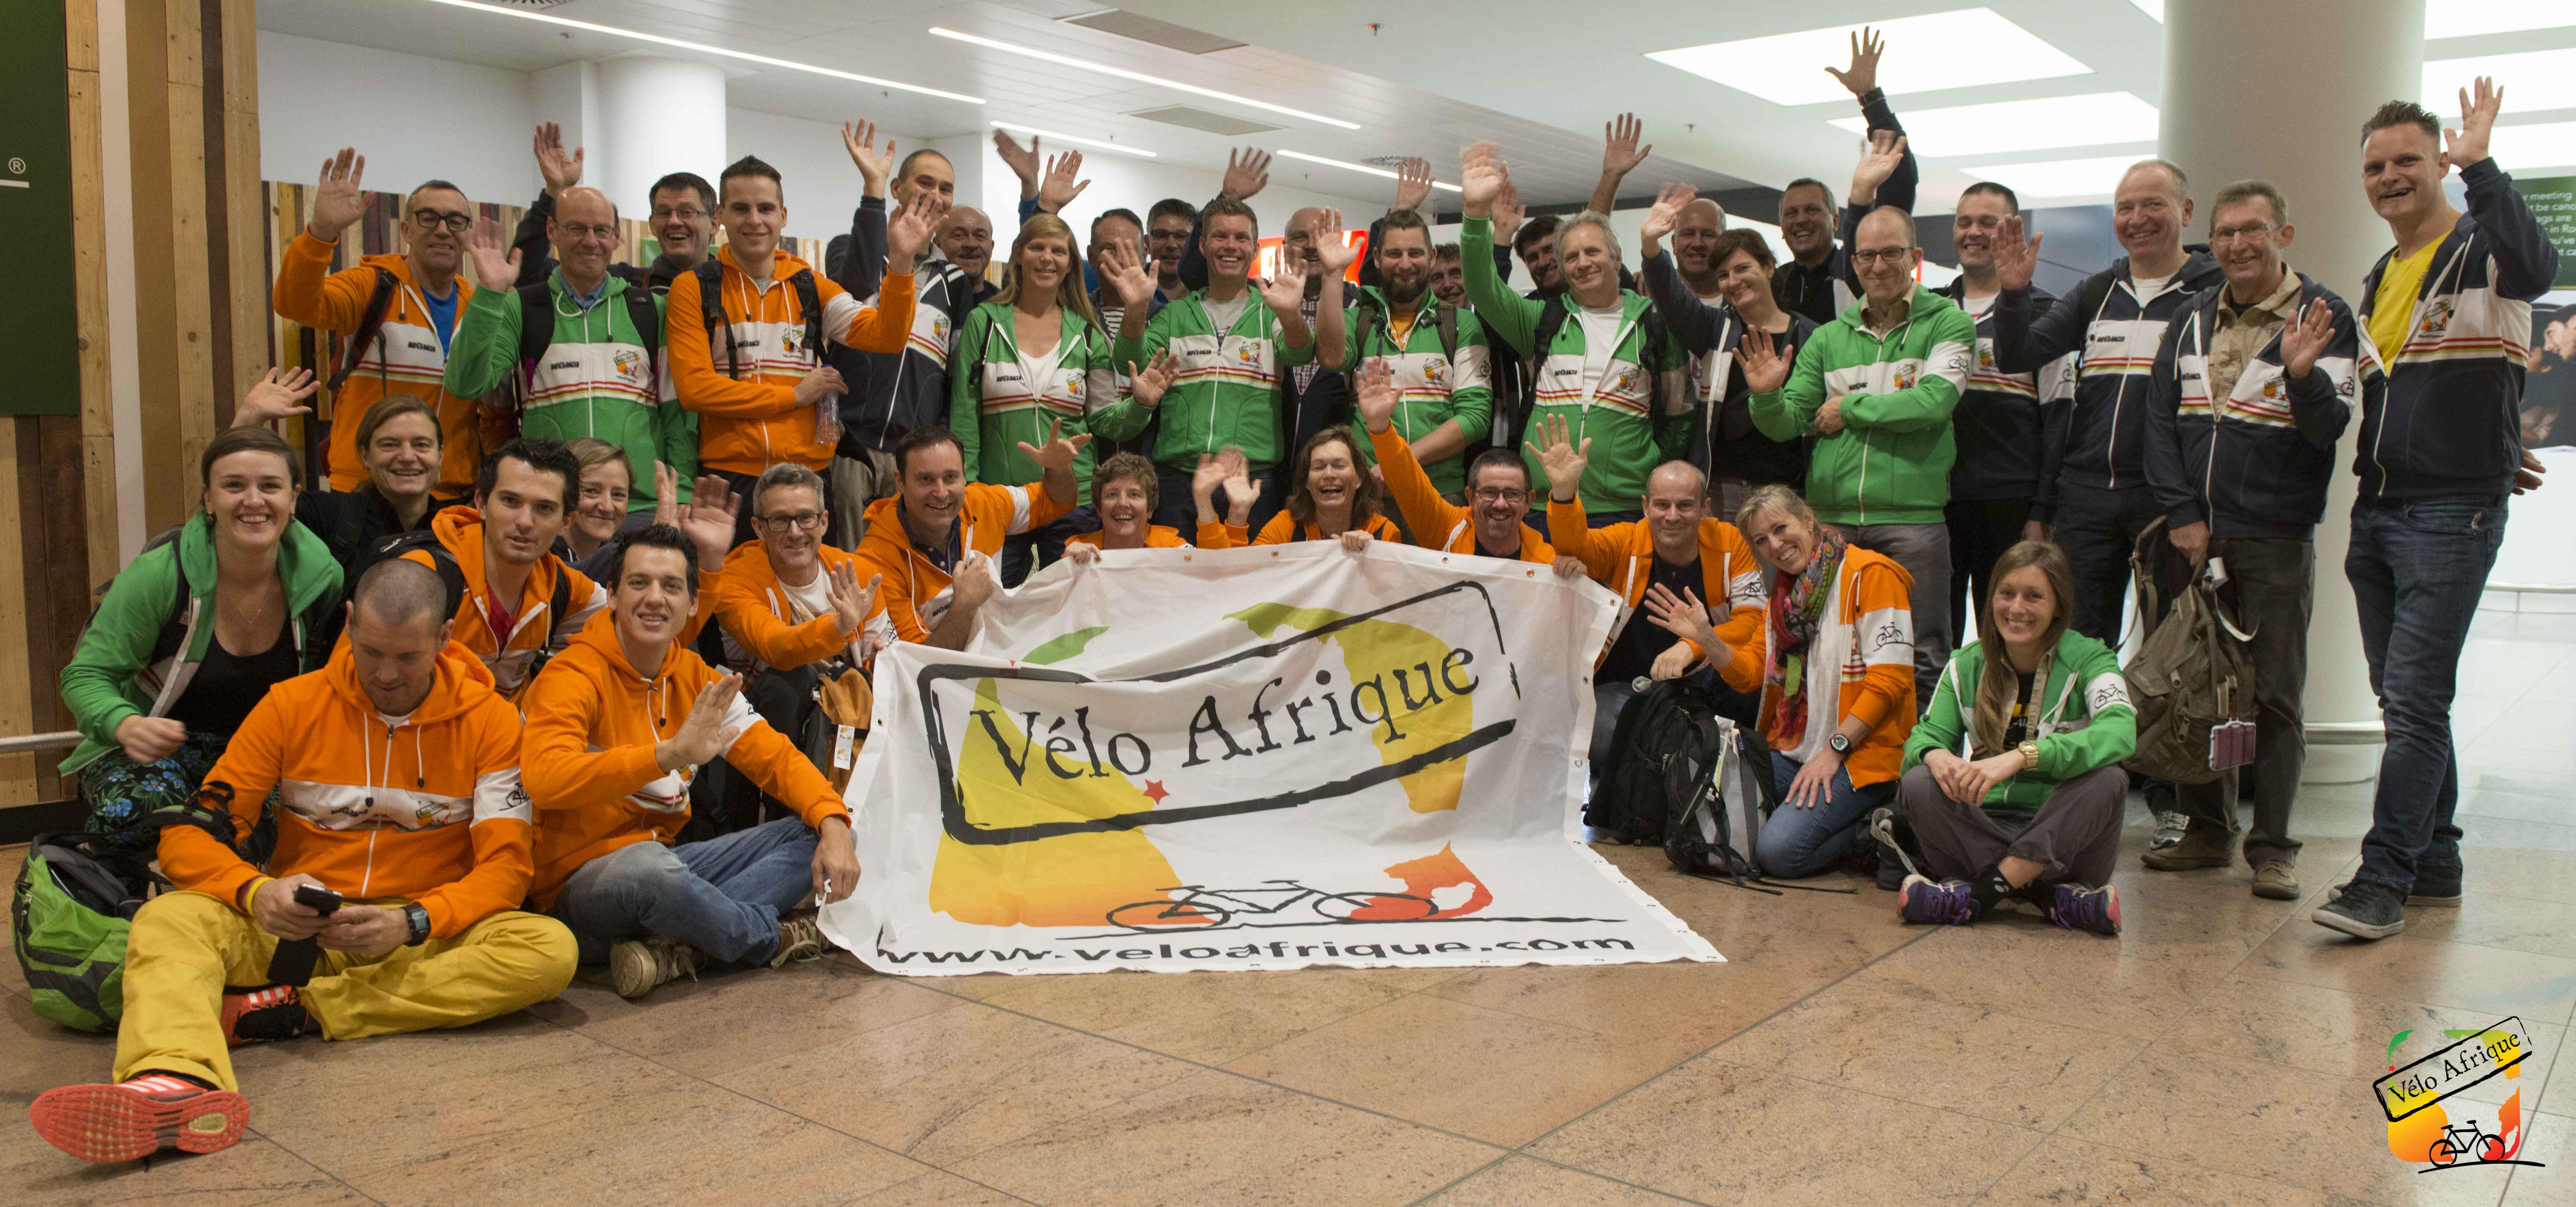 Tom Meeusen wuift Vélo Afrique deelnemers uit